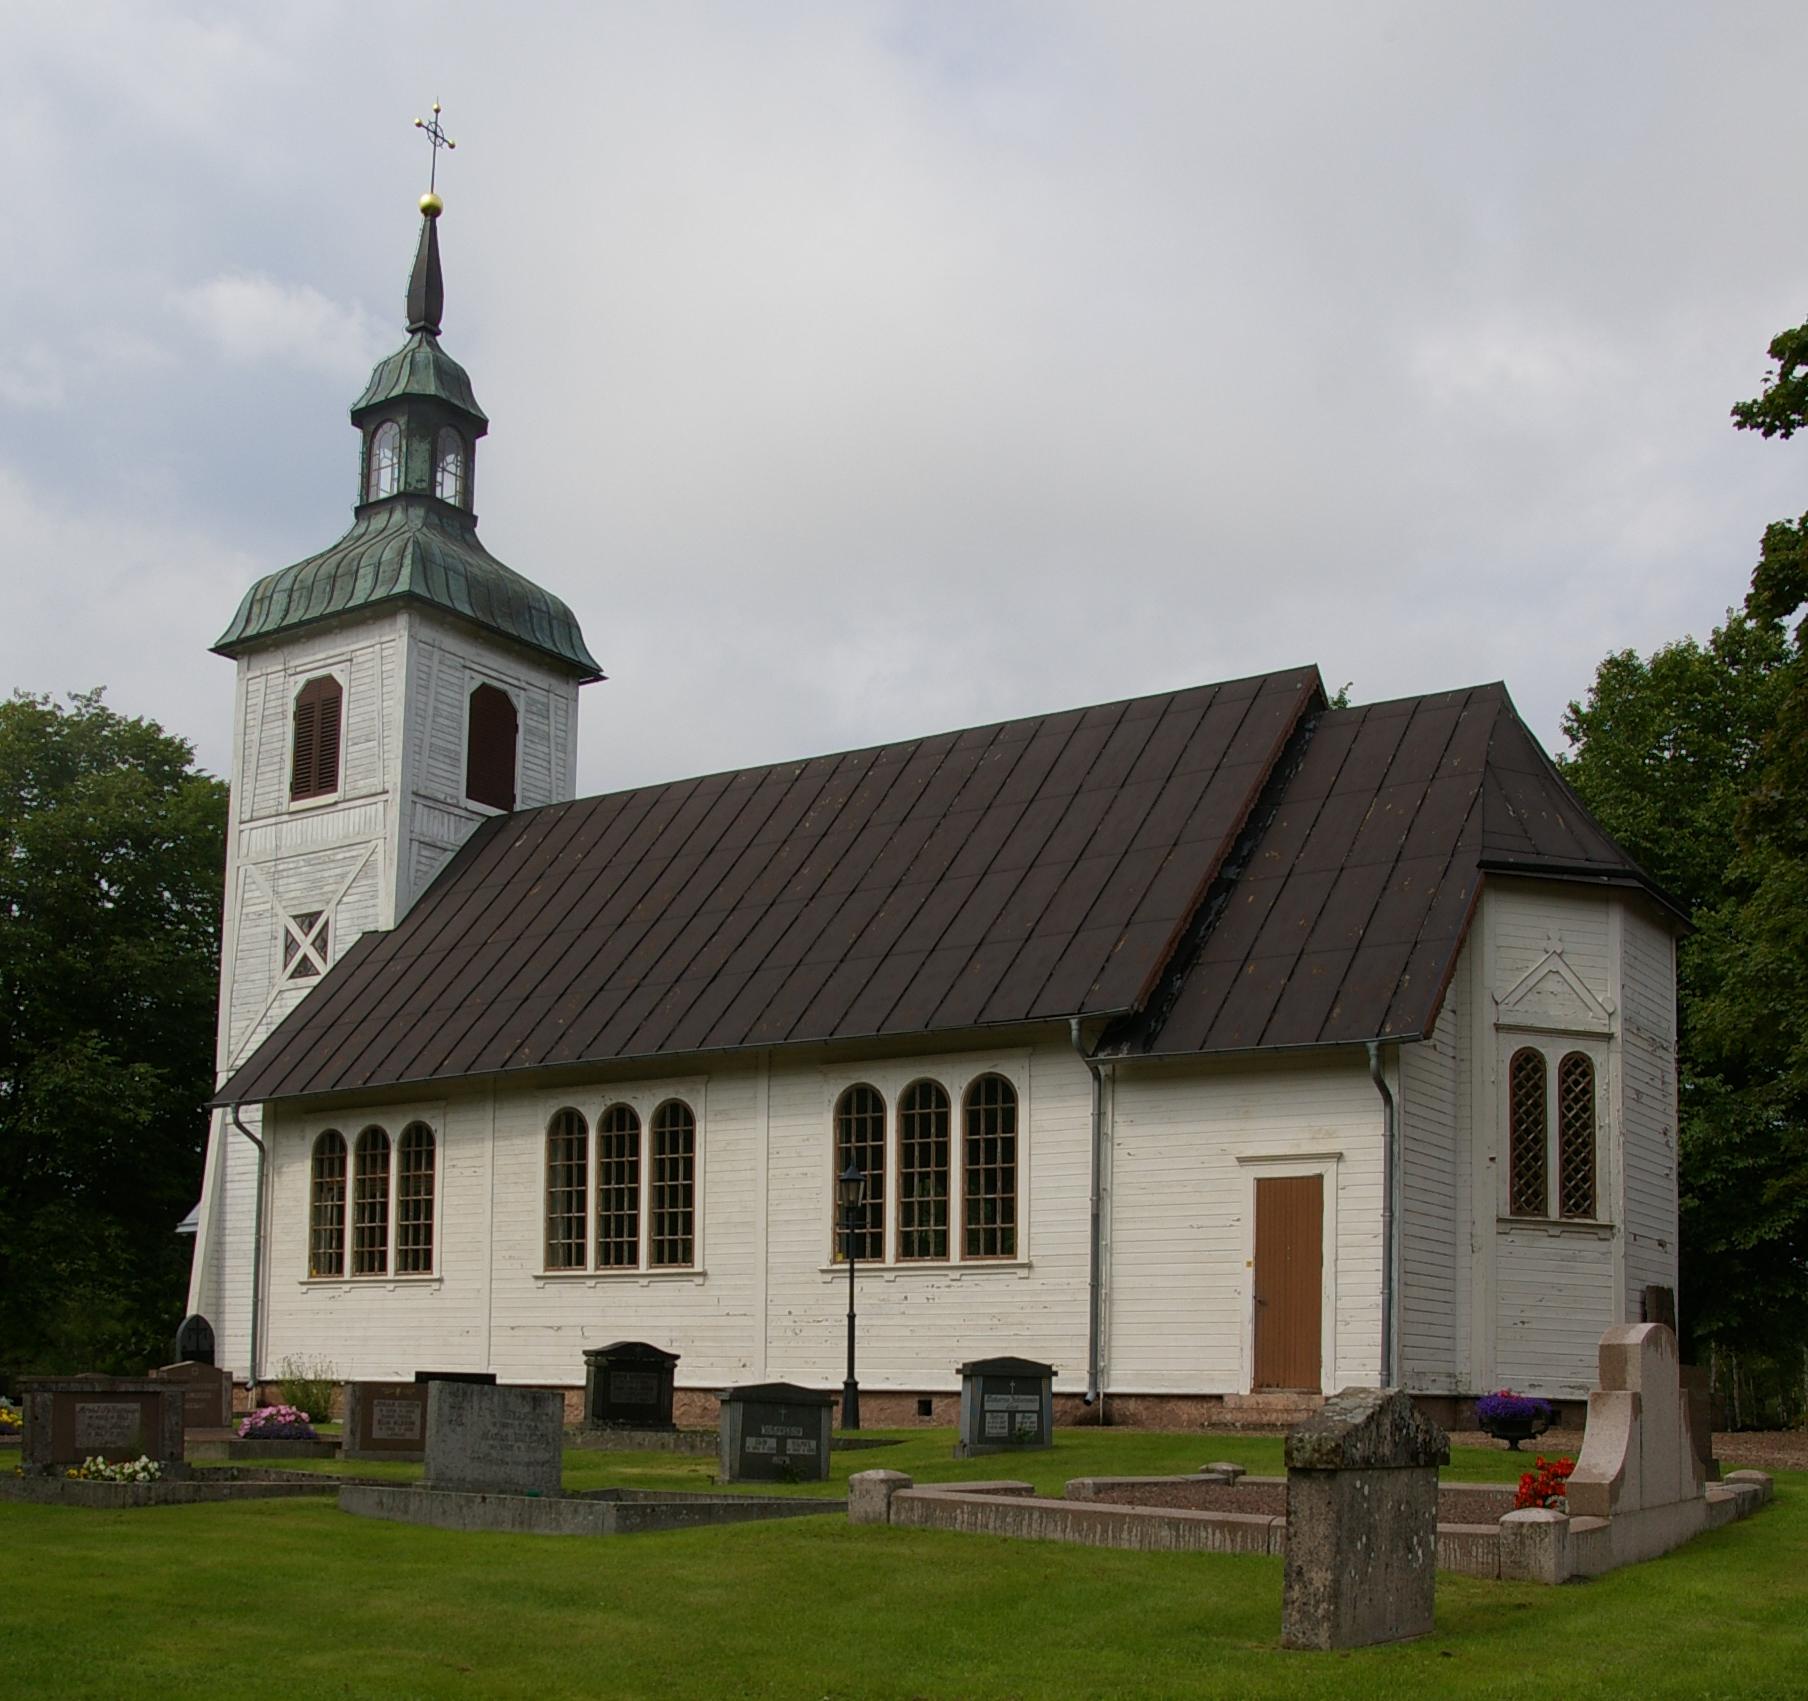 Fil:Torna Hllestads kyrka redteksystems.net Wikipedia